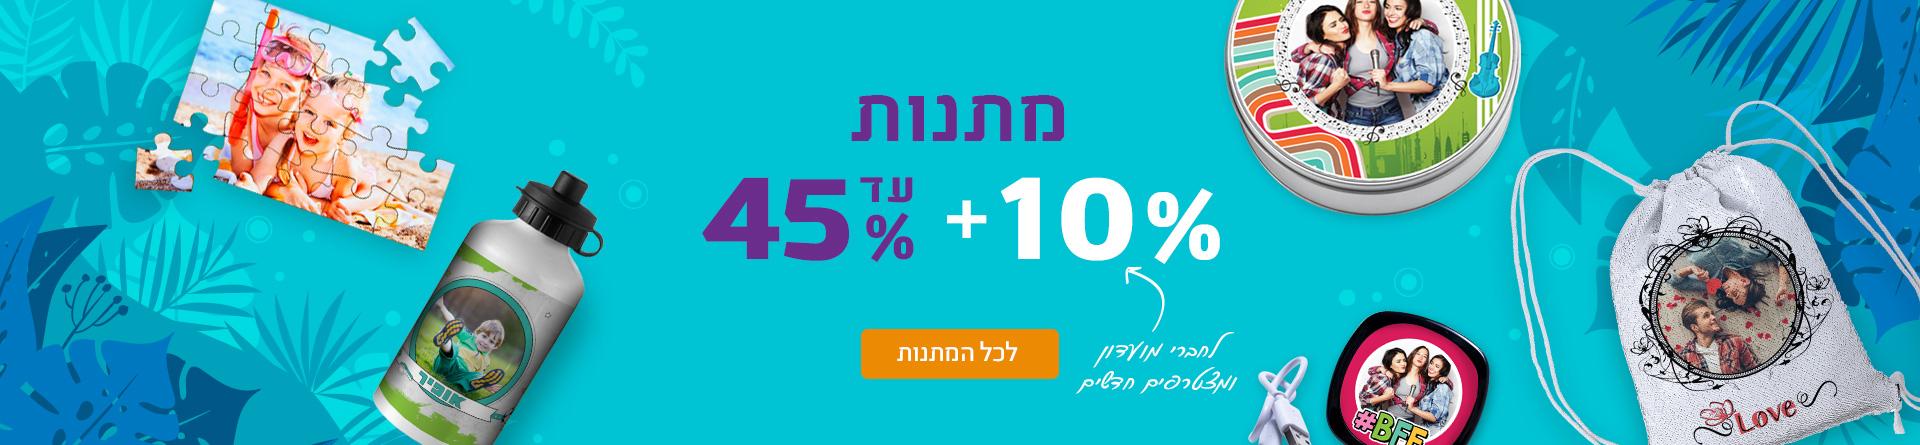 מתנות עד 45% הנחה+10% הנחה לחברי מועדון